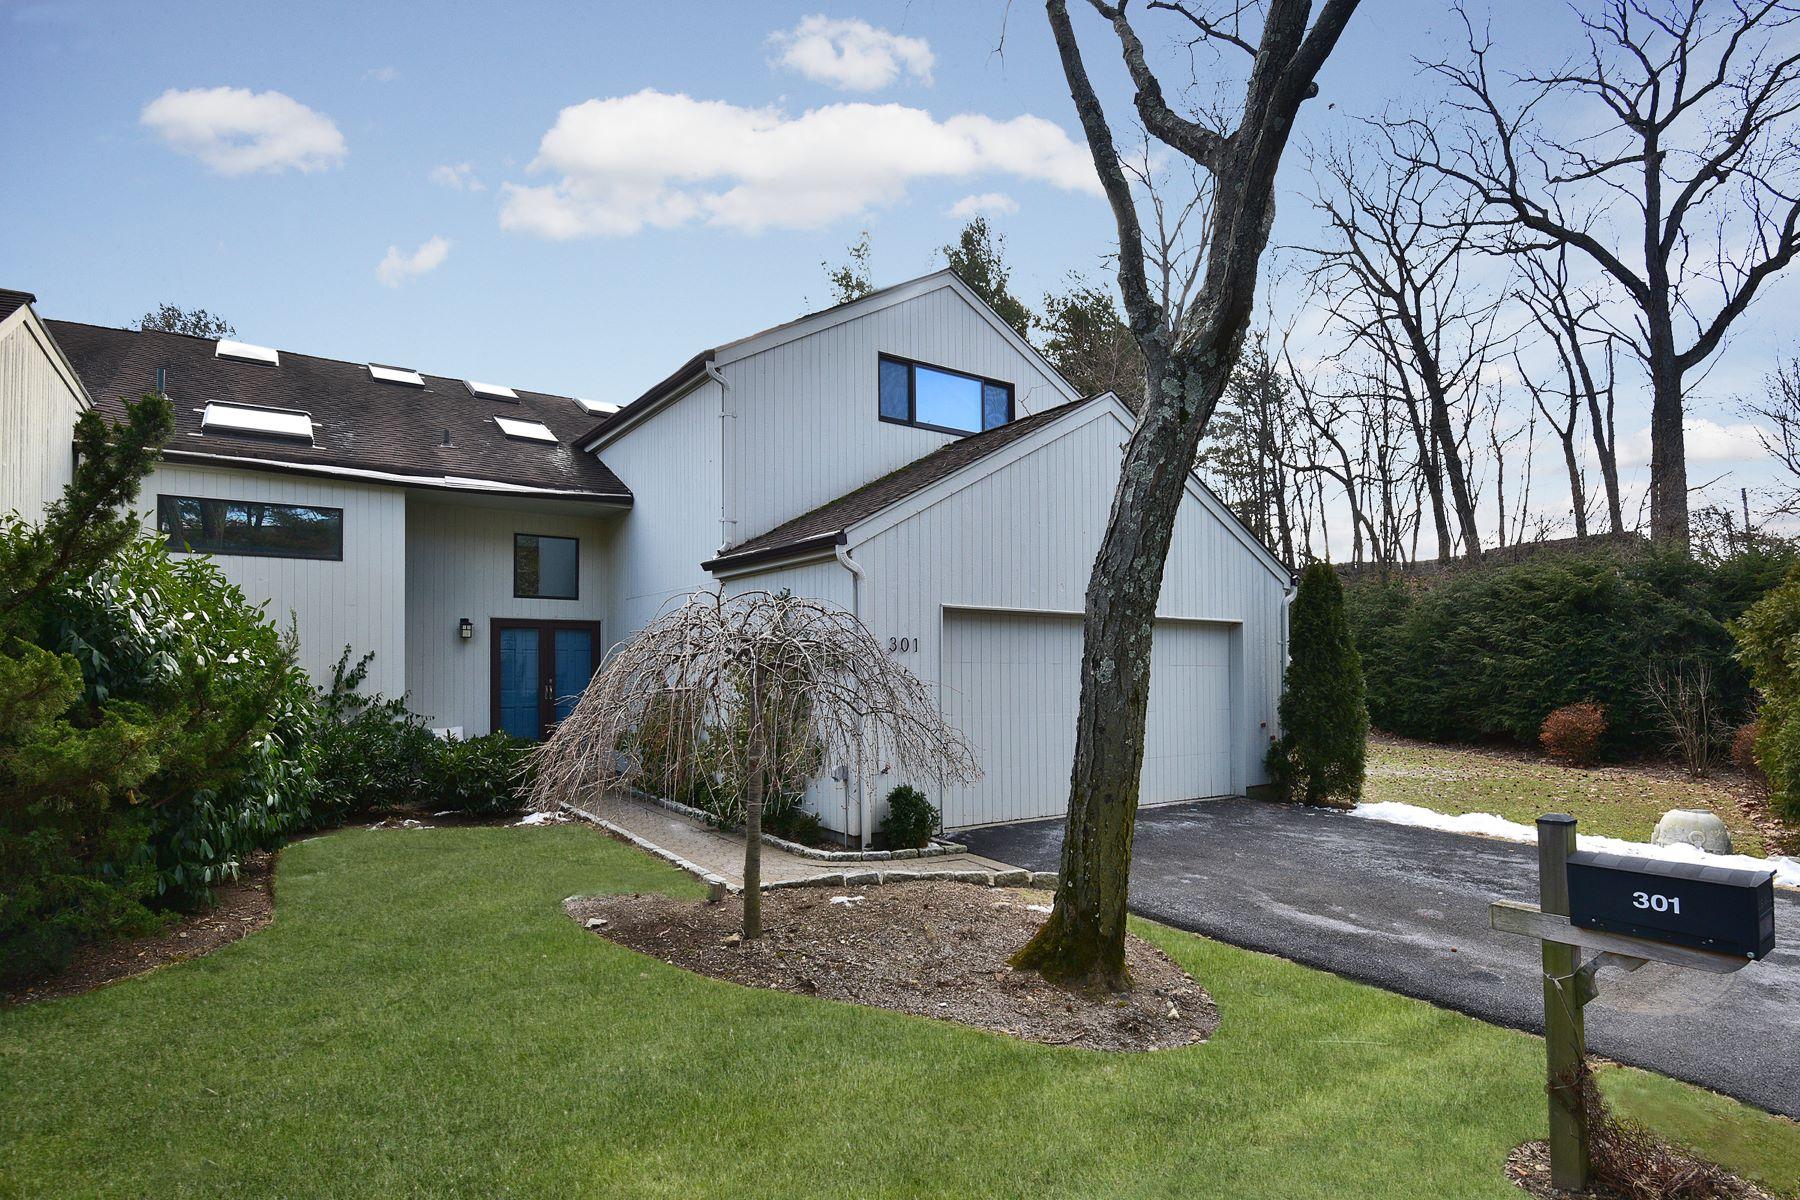 Casa unifamiliar adosada (Townhouse) por un Venta en 301 Fairway Green Mamaroneck, Nueva York, 10543 Estados Unidos